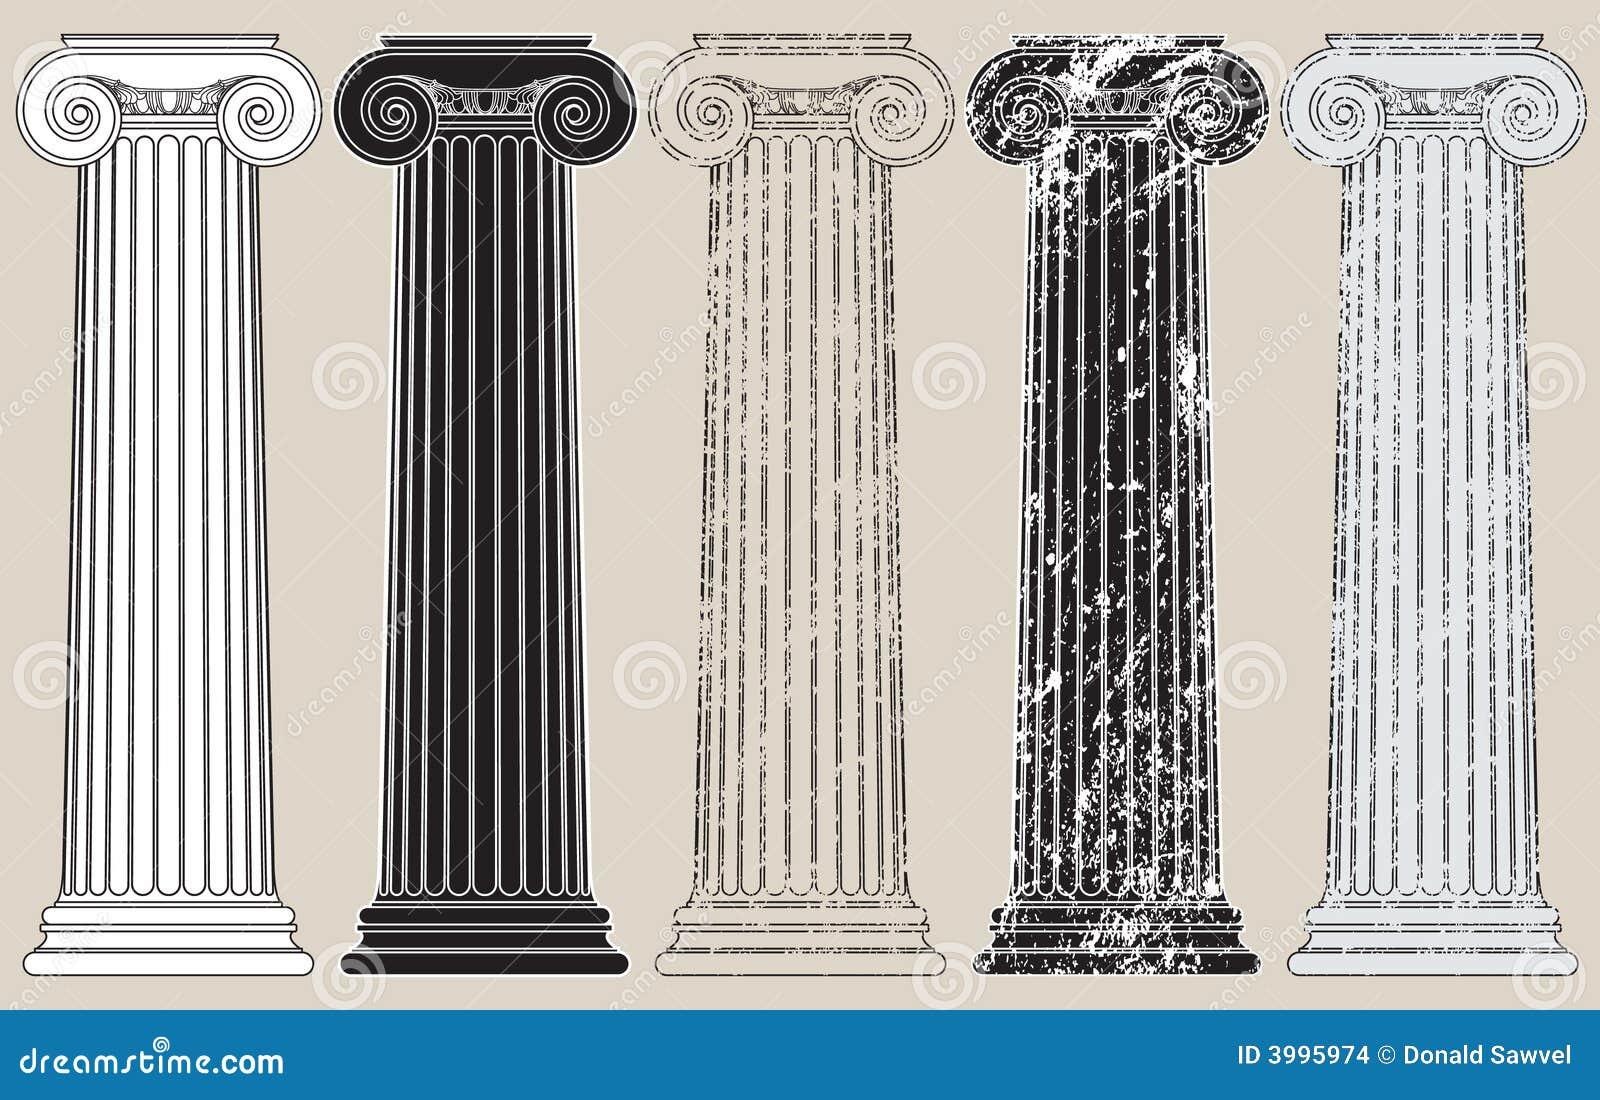 Cinco columnas